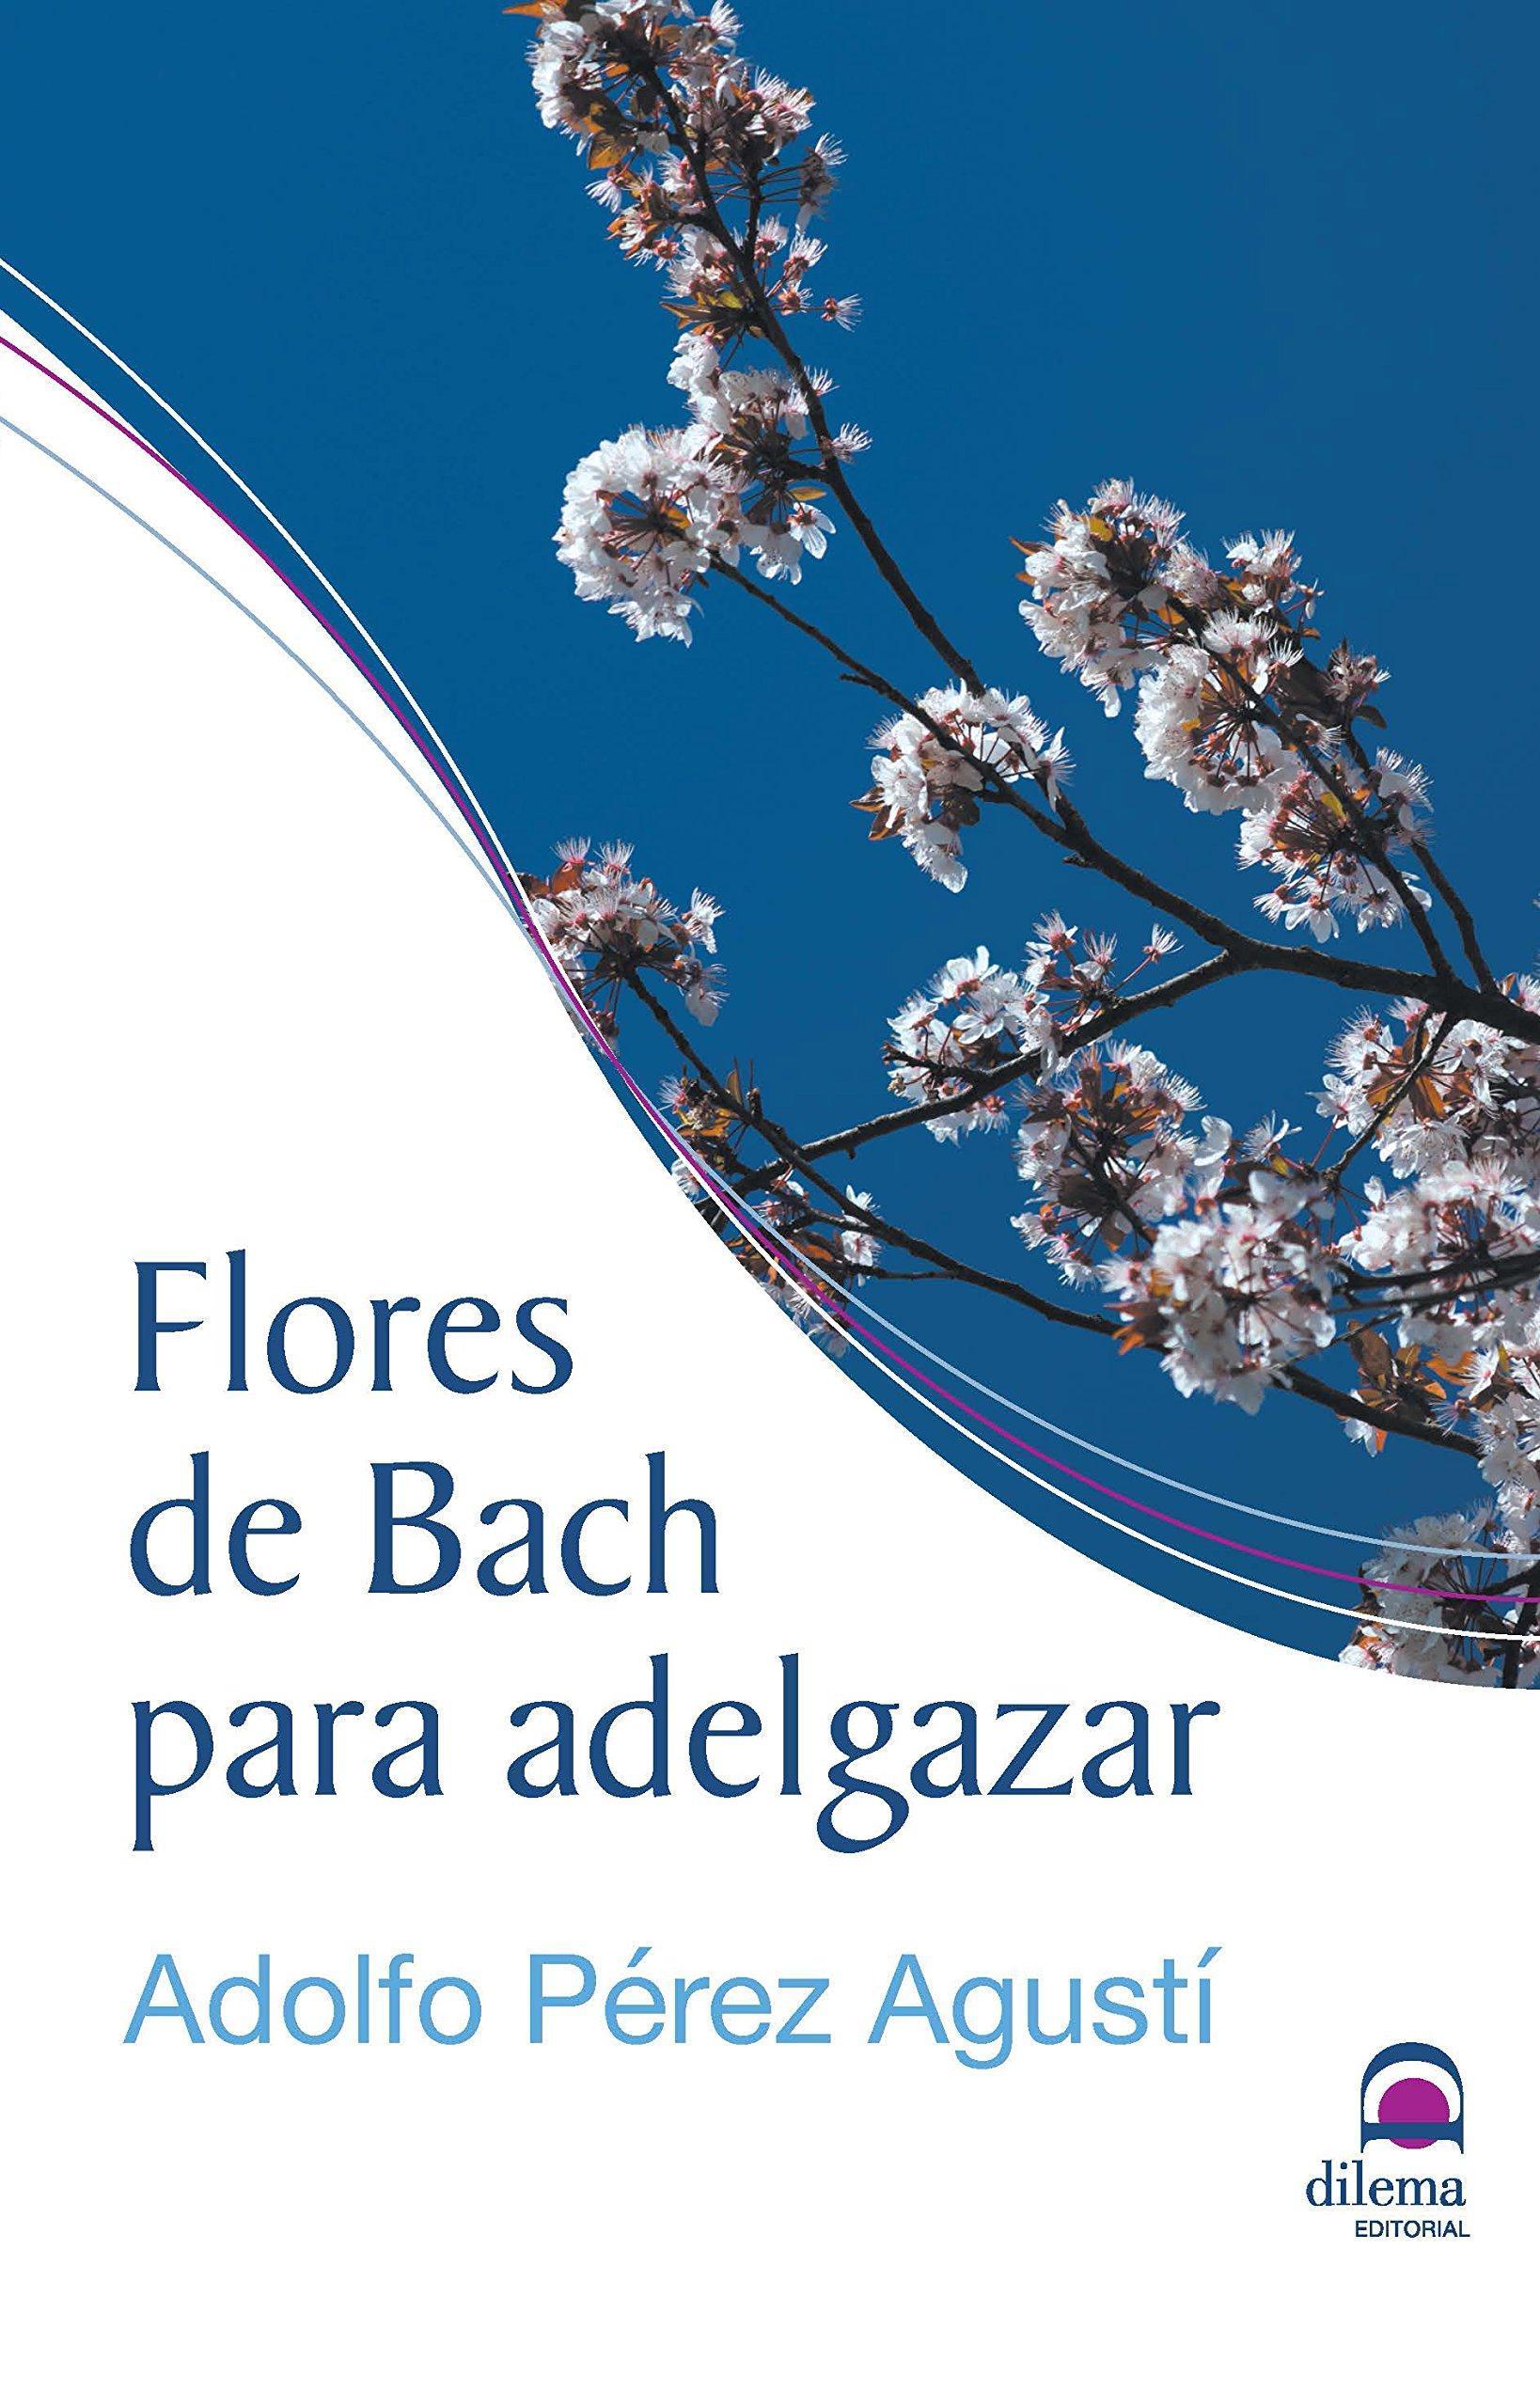 Como perder peso rápidamente con flores de Bach